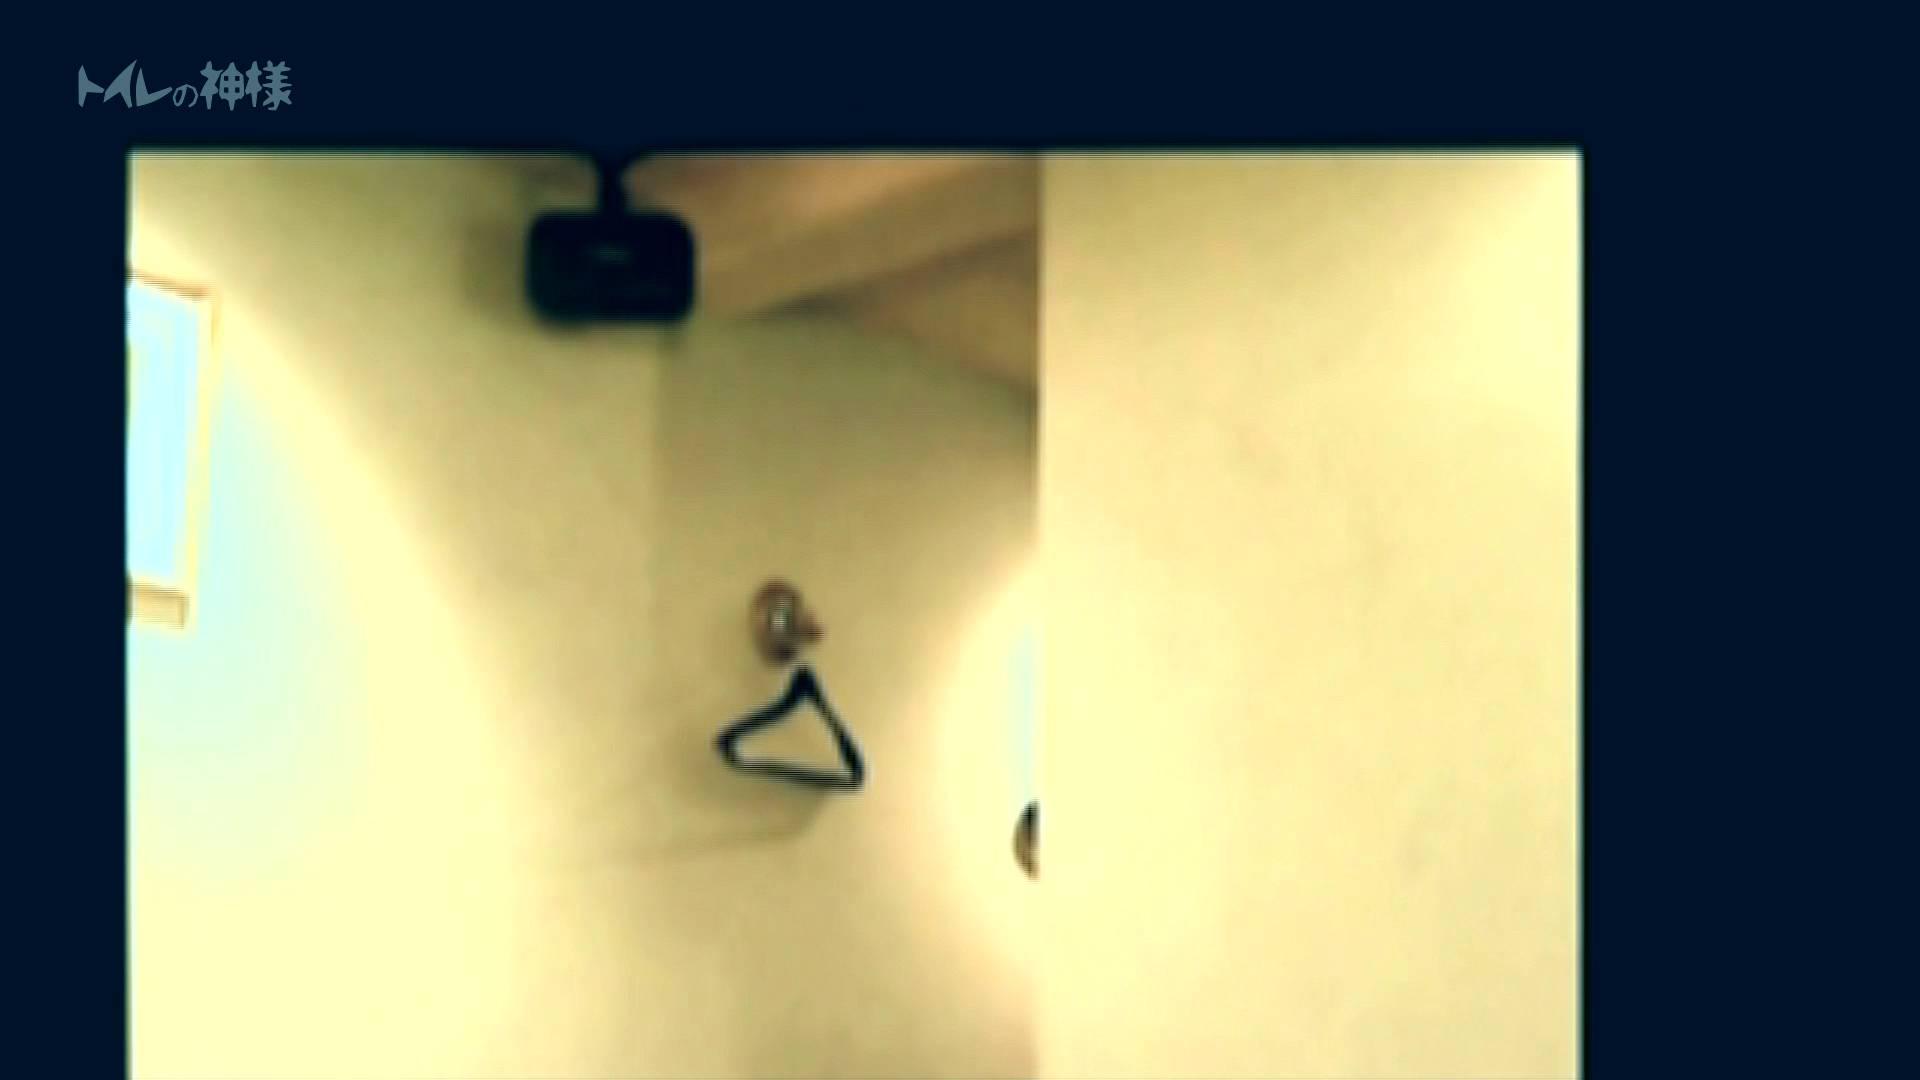 トイレの神様 Vol.01 花の女子大生うんこ盗撮1 色っぽい女子大生 AV無料 59pic 49